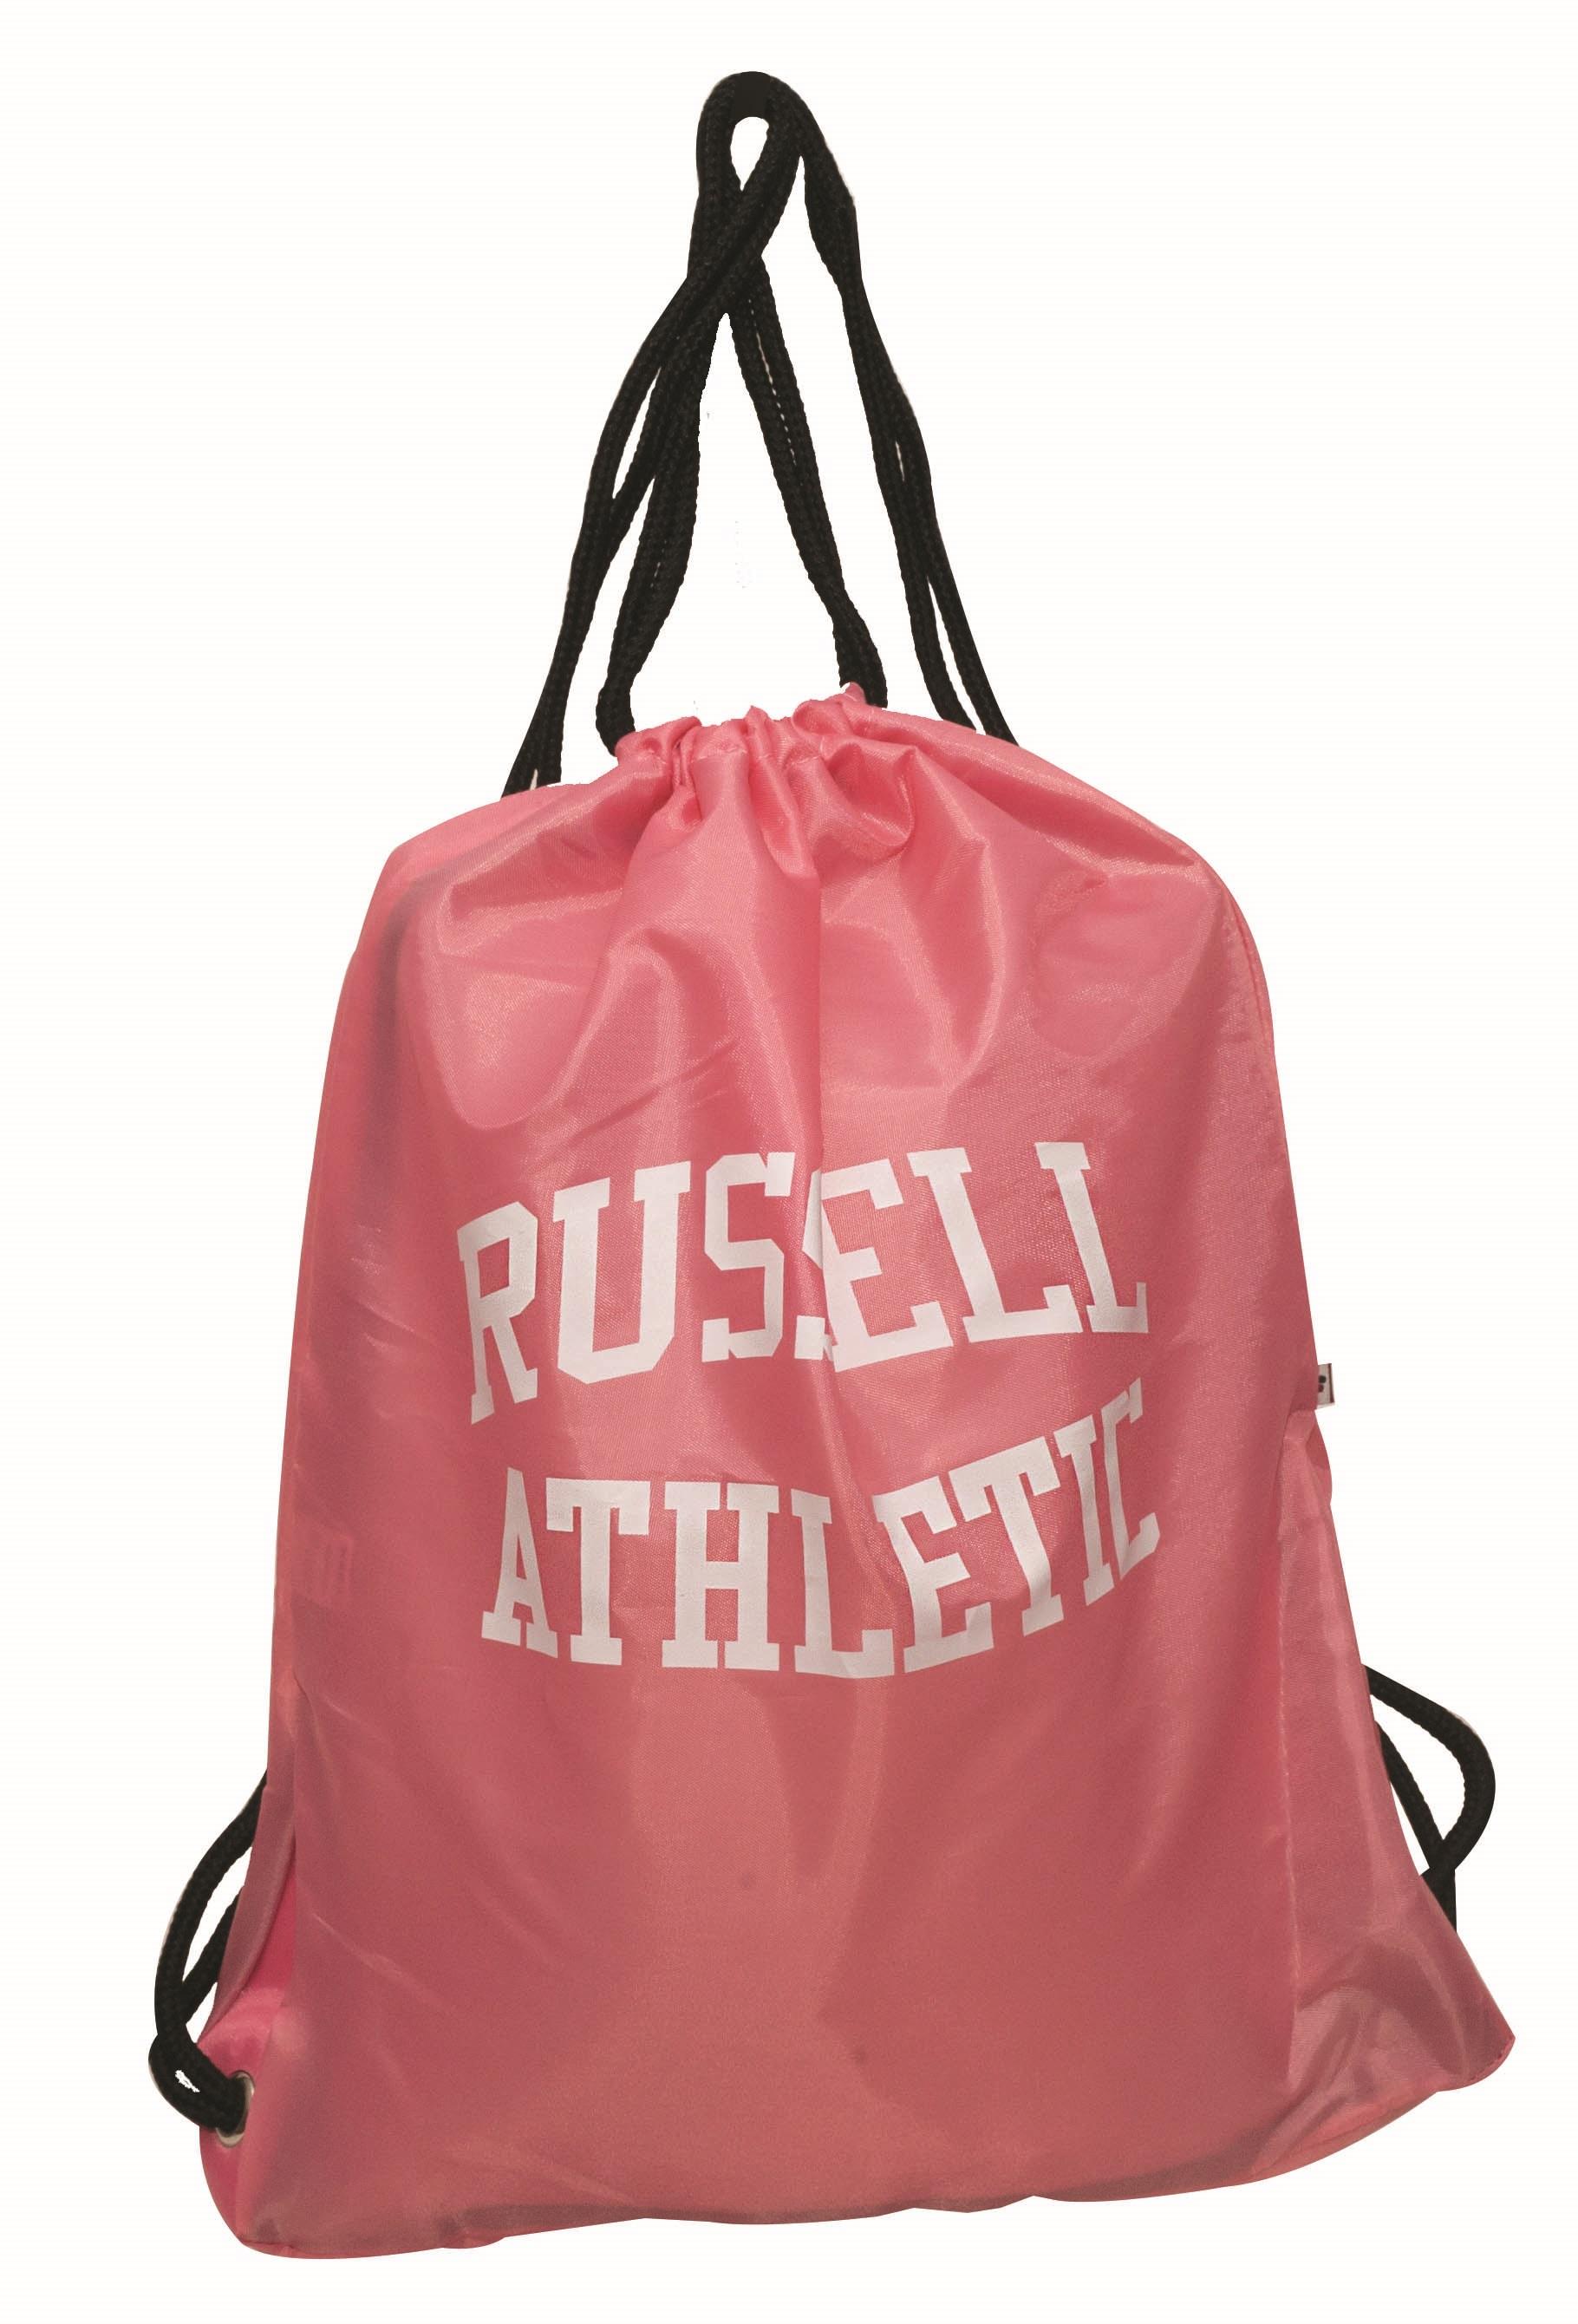 Τσαντα Πλατης με Κορδόνι Poly Russell Athletic 391-53782-69 Ροζ